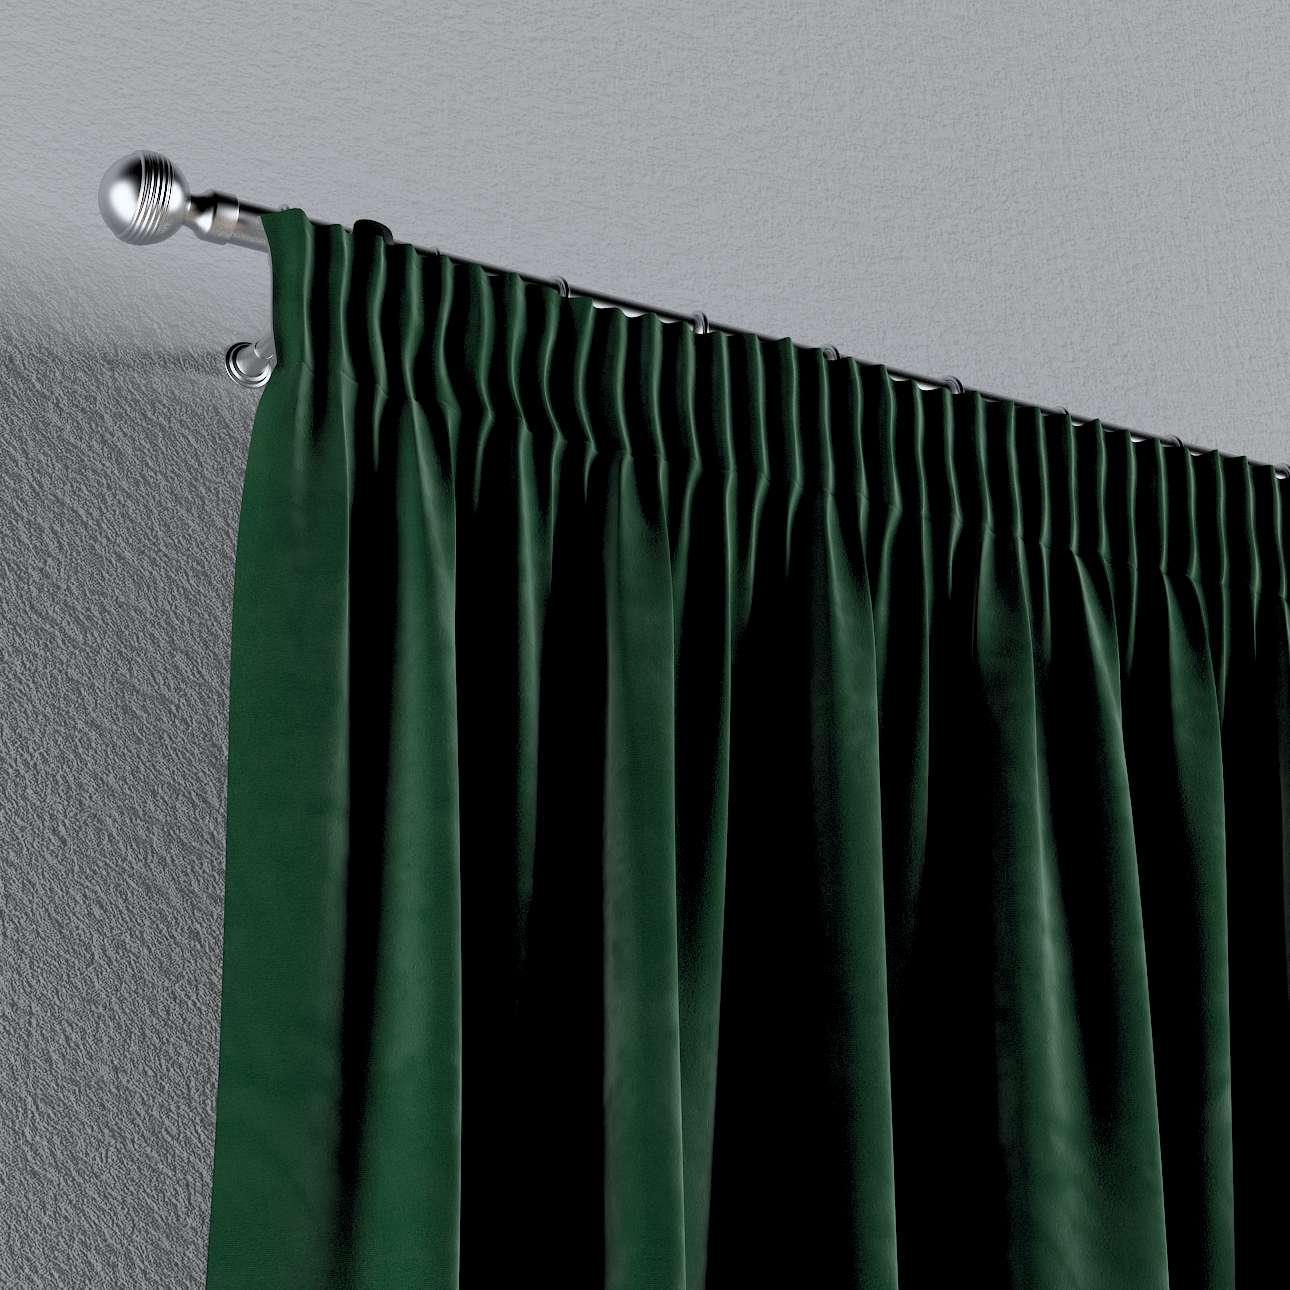 Zasłona na taśmie marszczącej 1 szt. w kolekcji Velvet, tkanina: 704-13